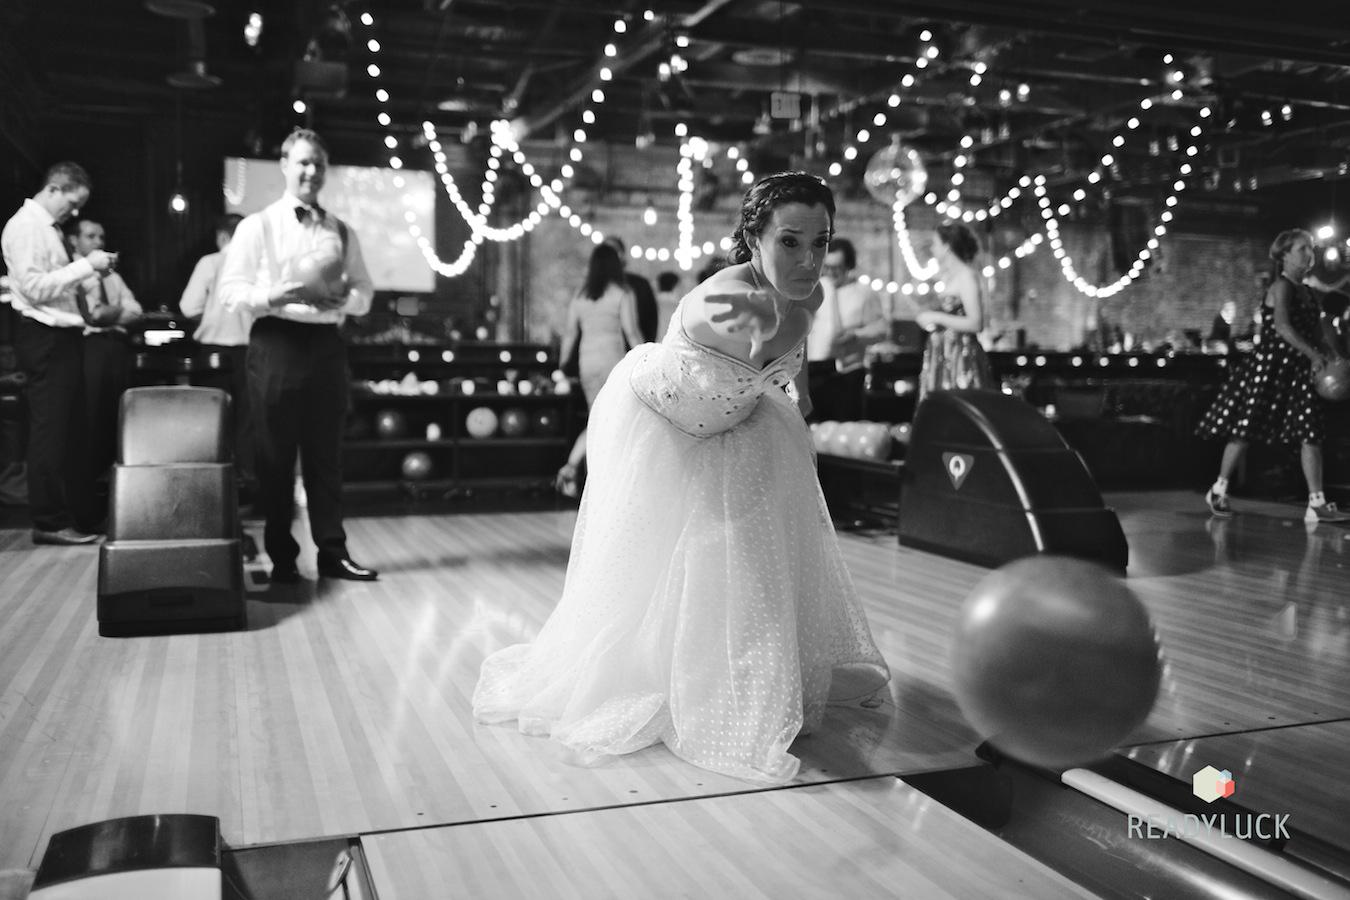 brooklyn-bowl-wedding-bride-bowling